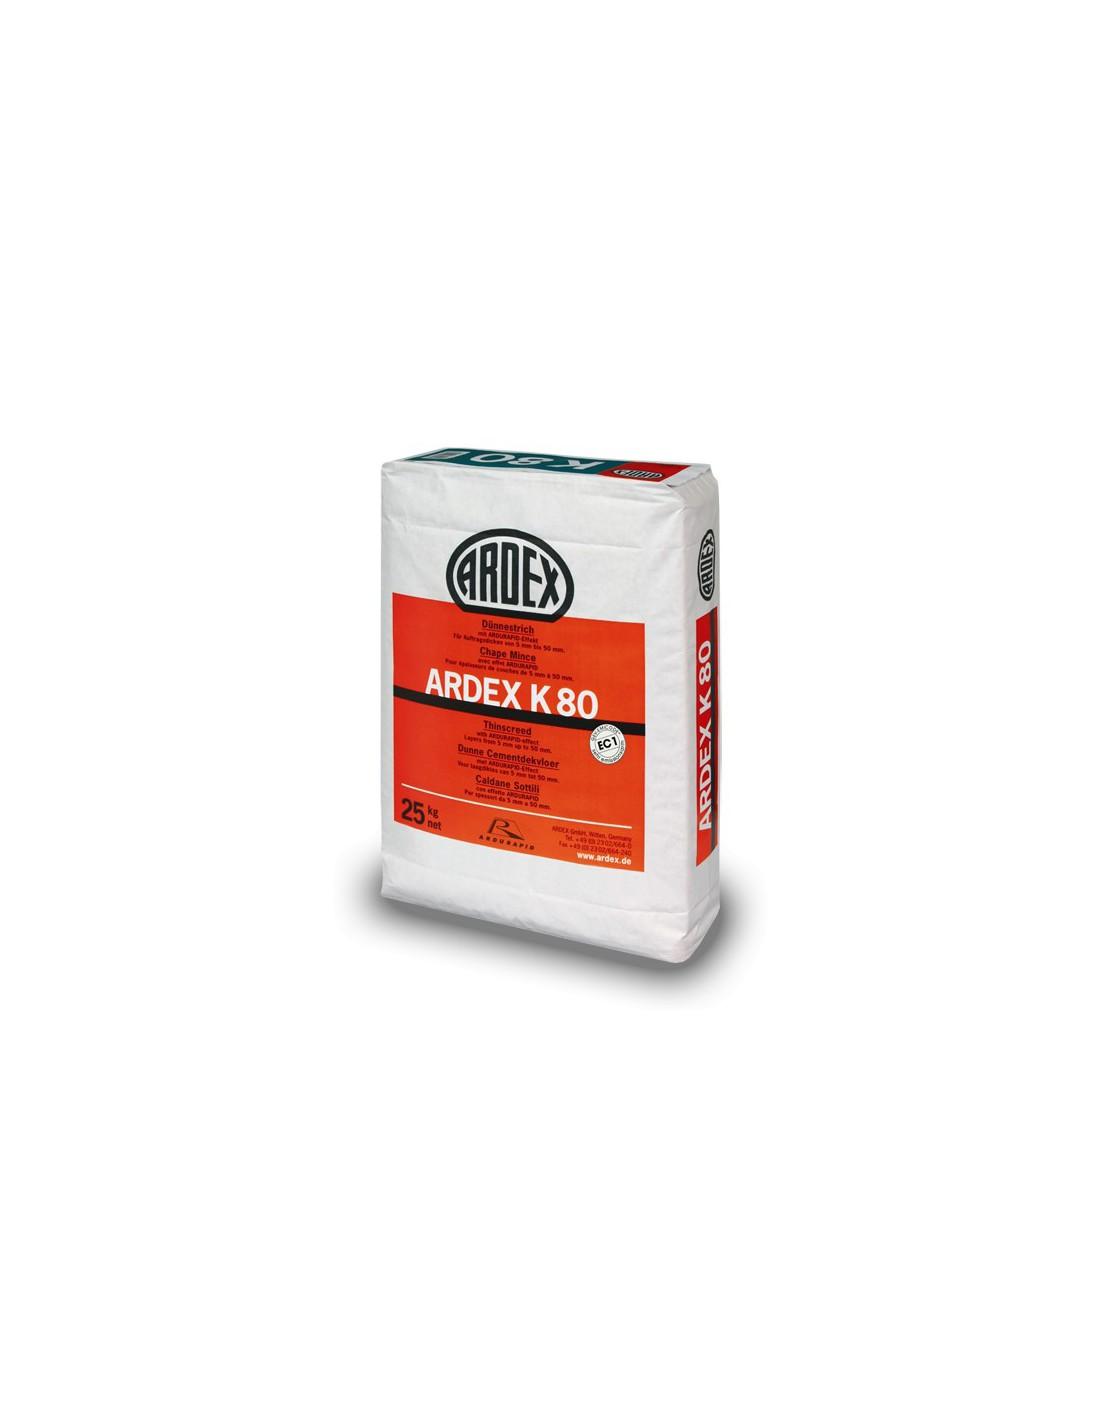 Mortero autonivelante r pido efecto hormig n pulido ardex k80 for Pasta autonivelante precio